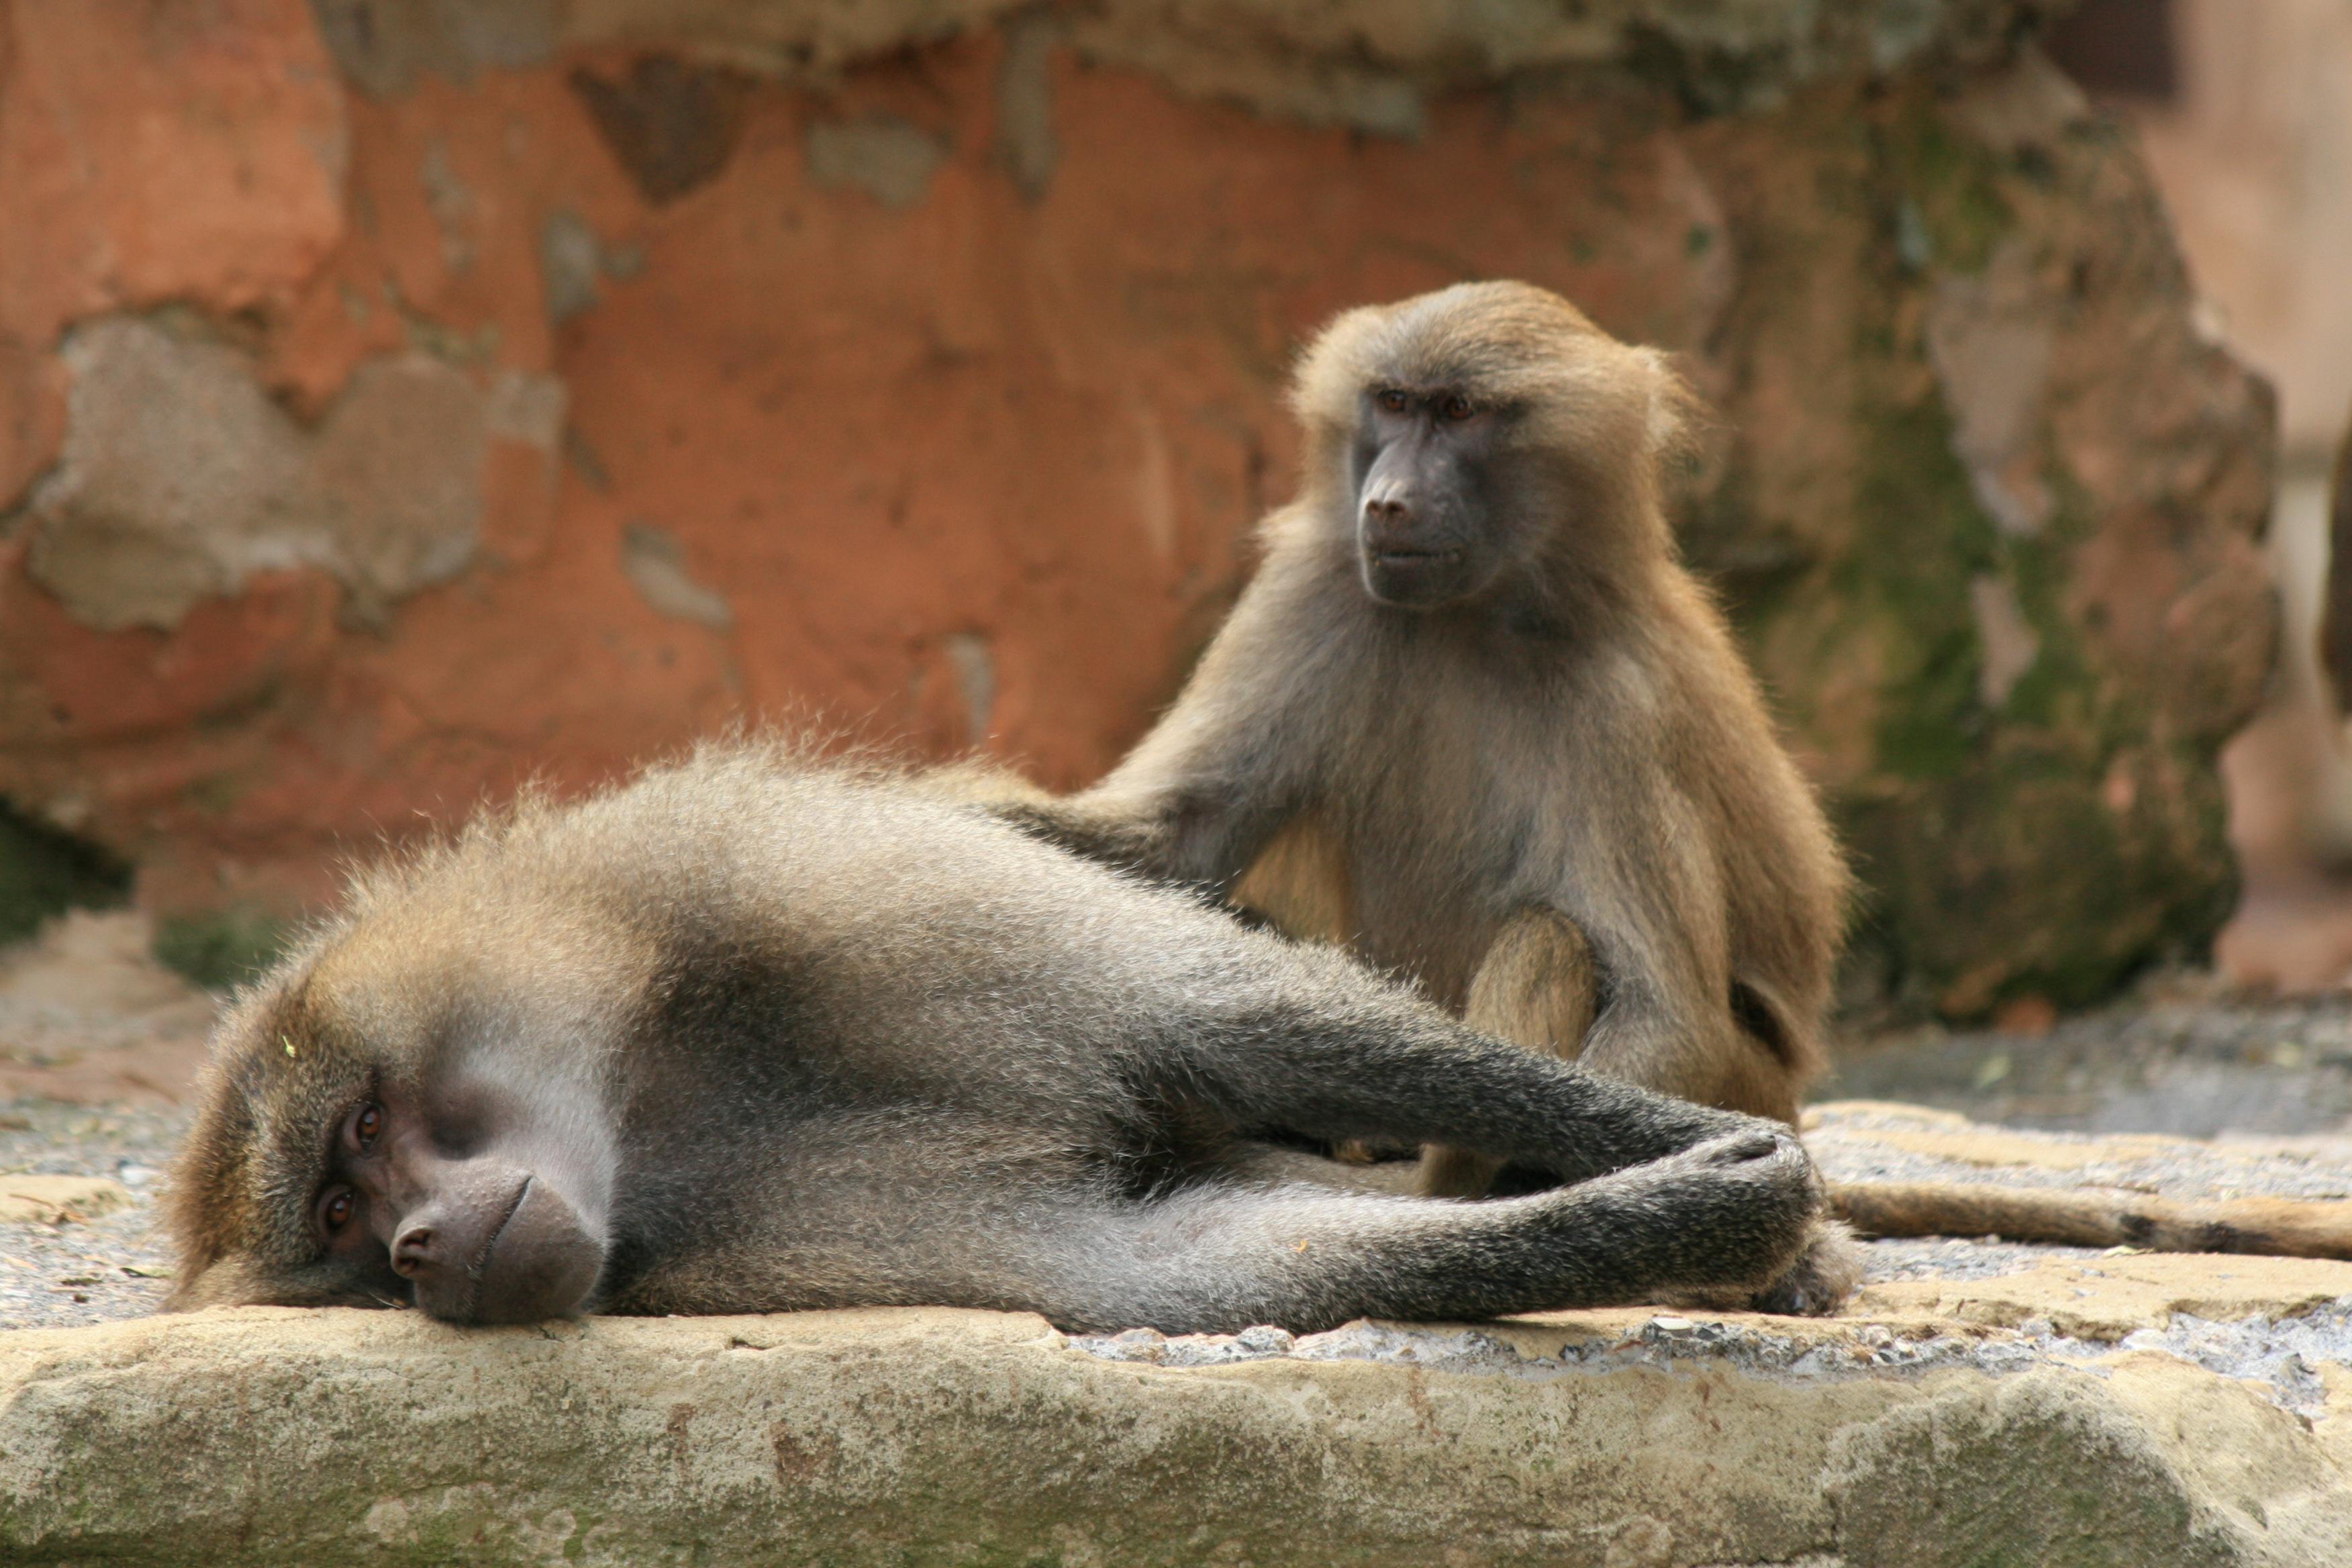 monkey-baboons-1372420